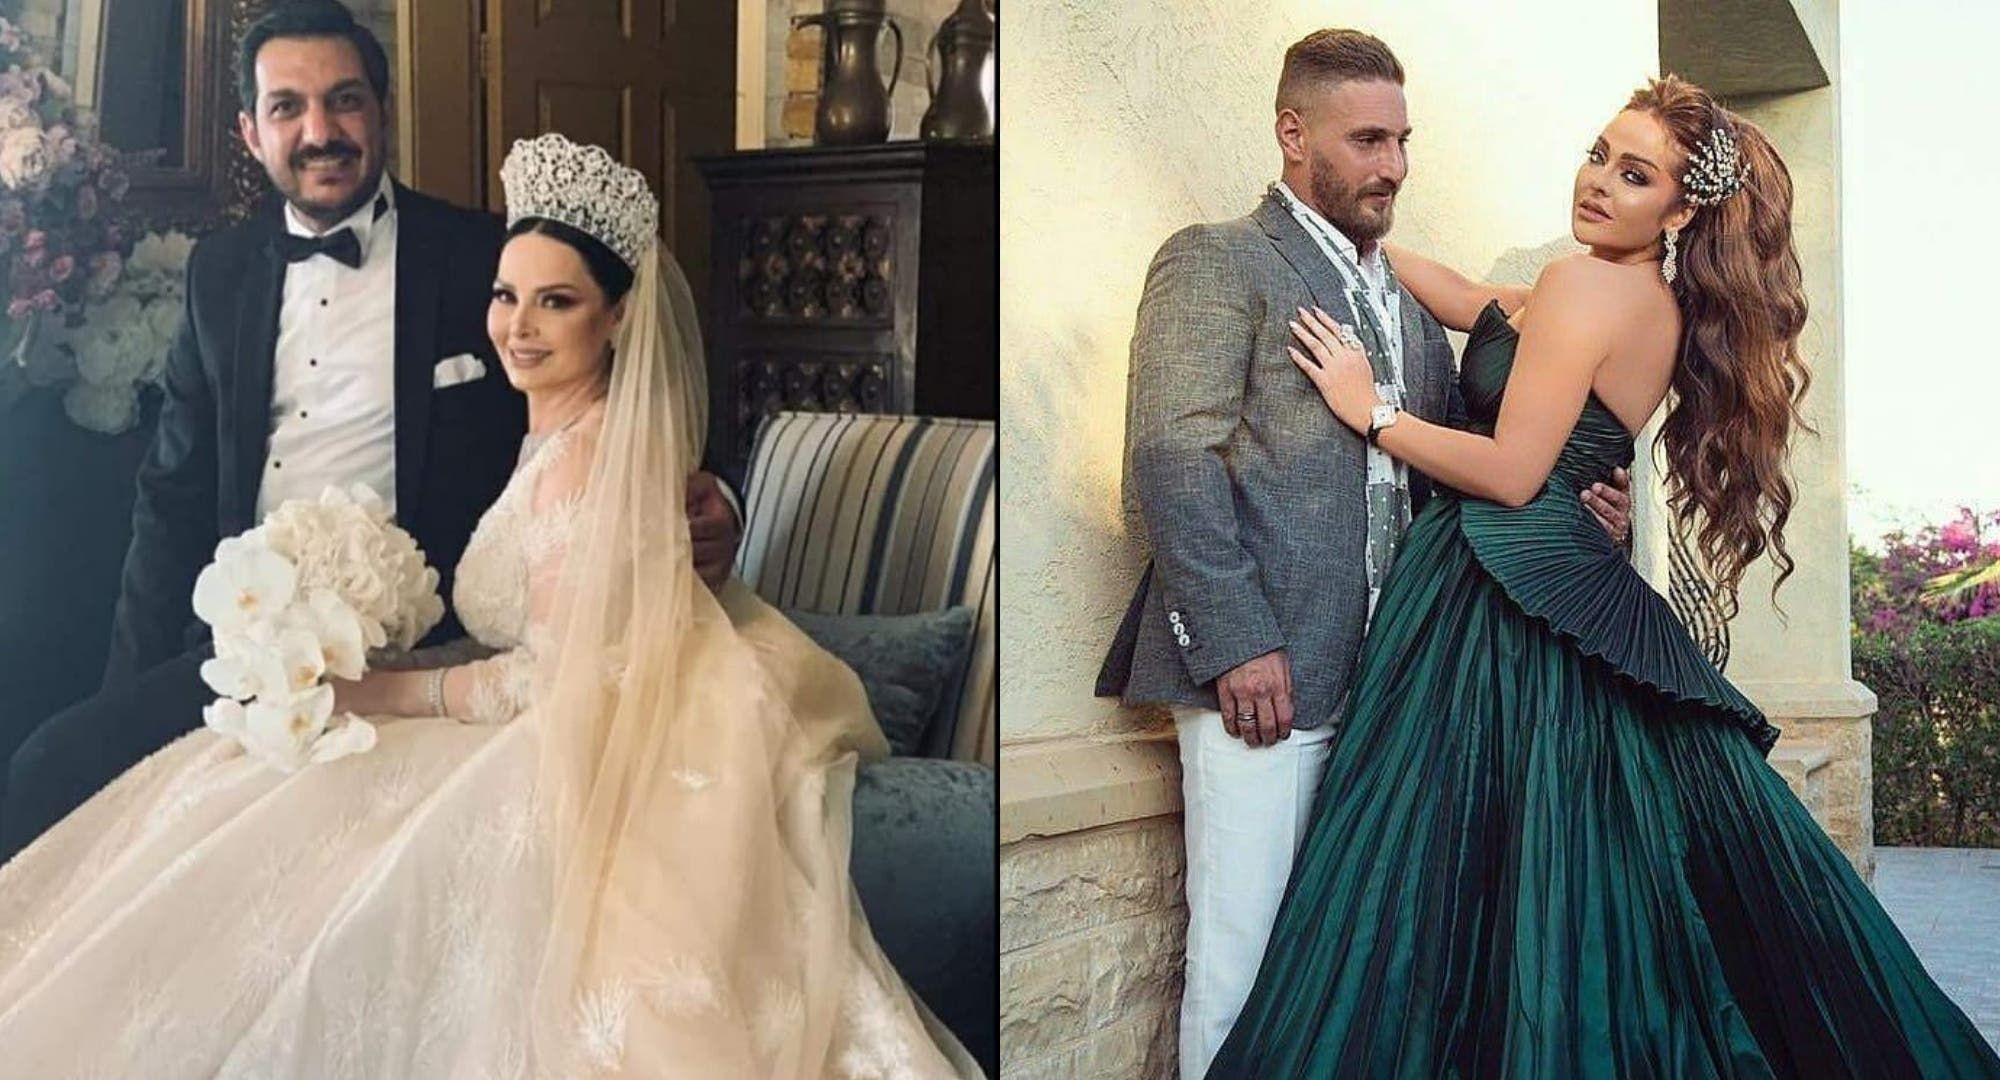 من بعد اعتقال خطيب زين كرزون زوج ديانا كرزون إلى السجن قبل إنتهاء حفل زفافه Dresses Wedding Dresses Victorian Dress